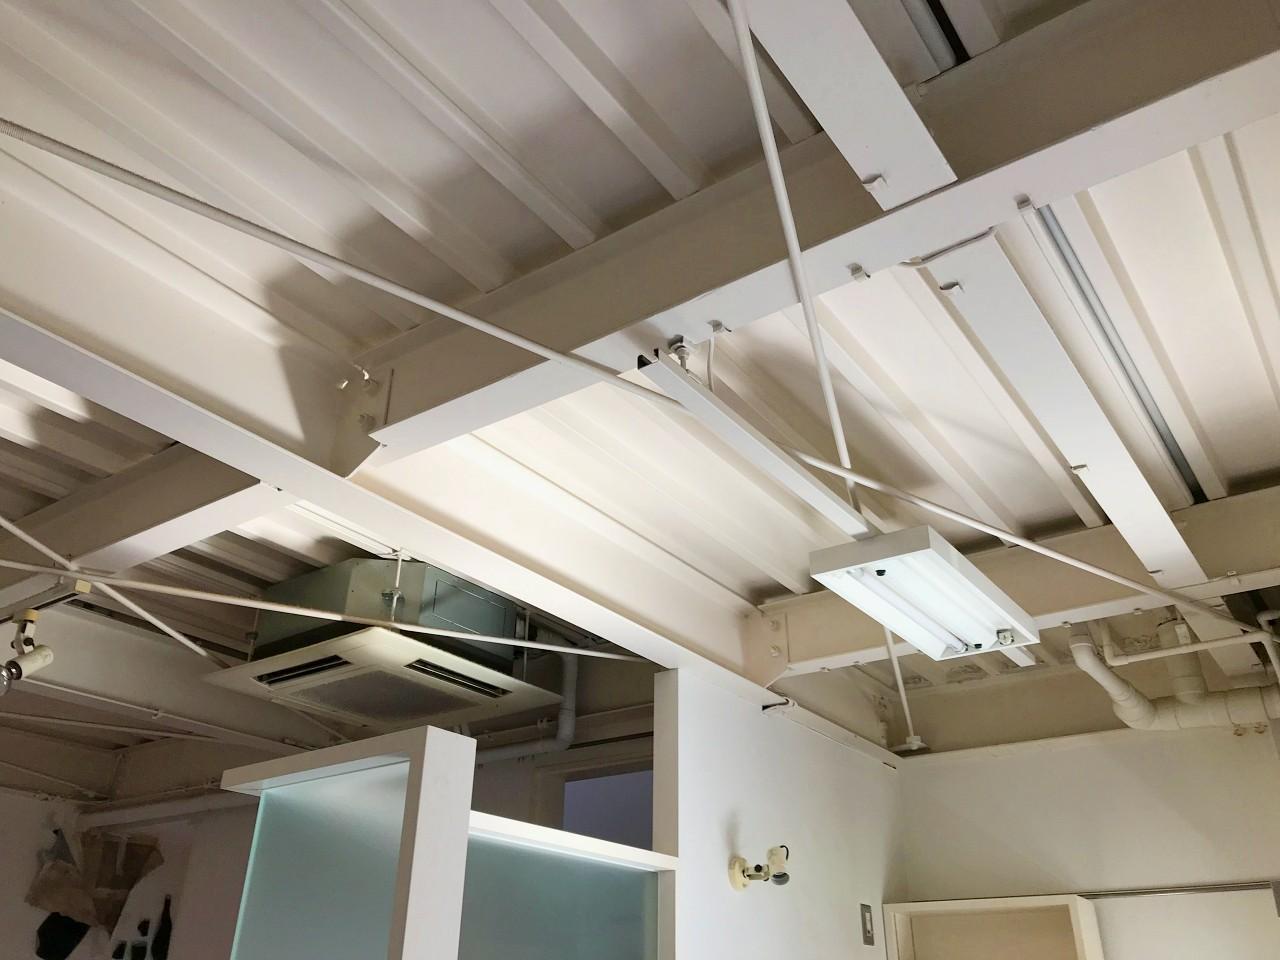 鉄骨向き出しの天井は開放感があります